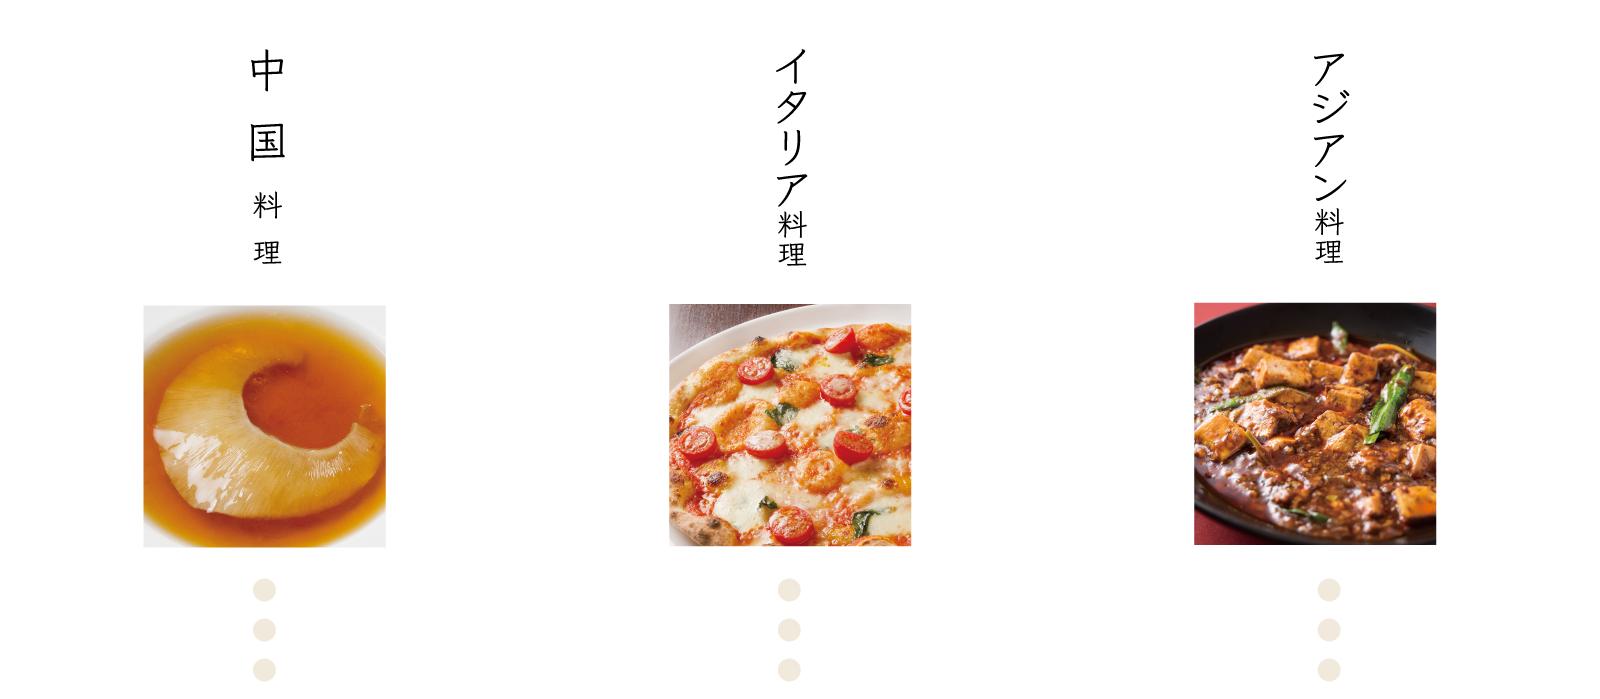 広東料理、イタリア料理、四川料理